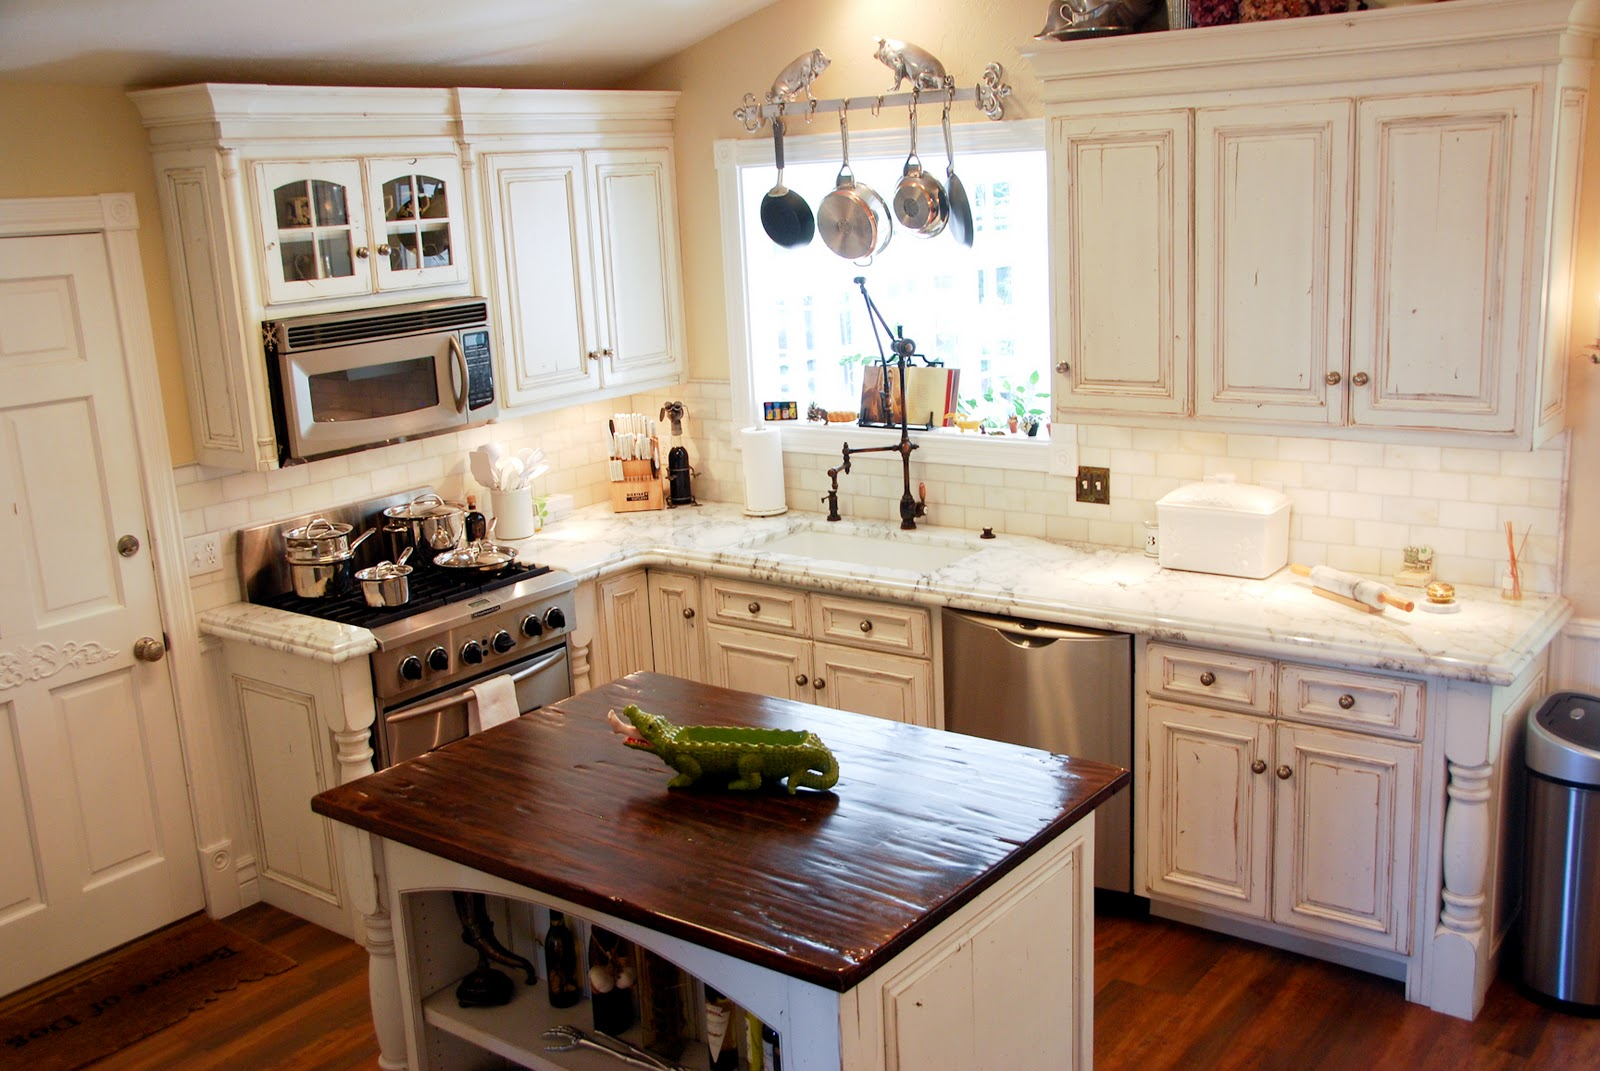 17 - Tuscan Style Kitchen